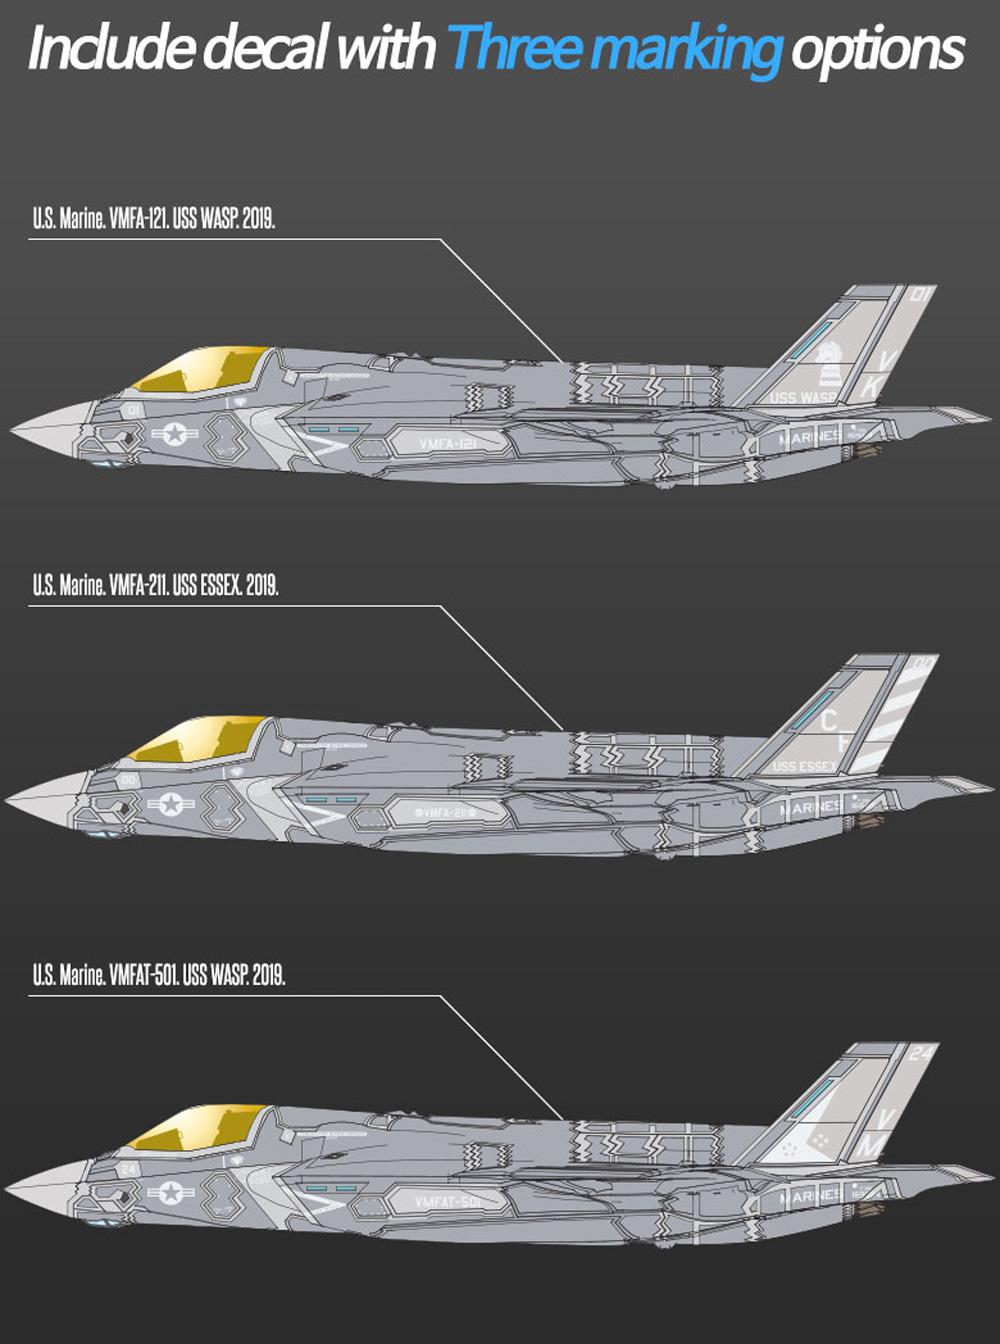 アメリカ海兵隊 F-35B ライトニング 2 VMFA-121 グリーンナイツプラモデル(アカデミー1/72 AircraftsNo.12569)商品画像_1